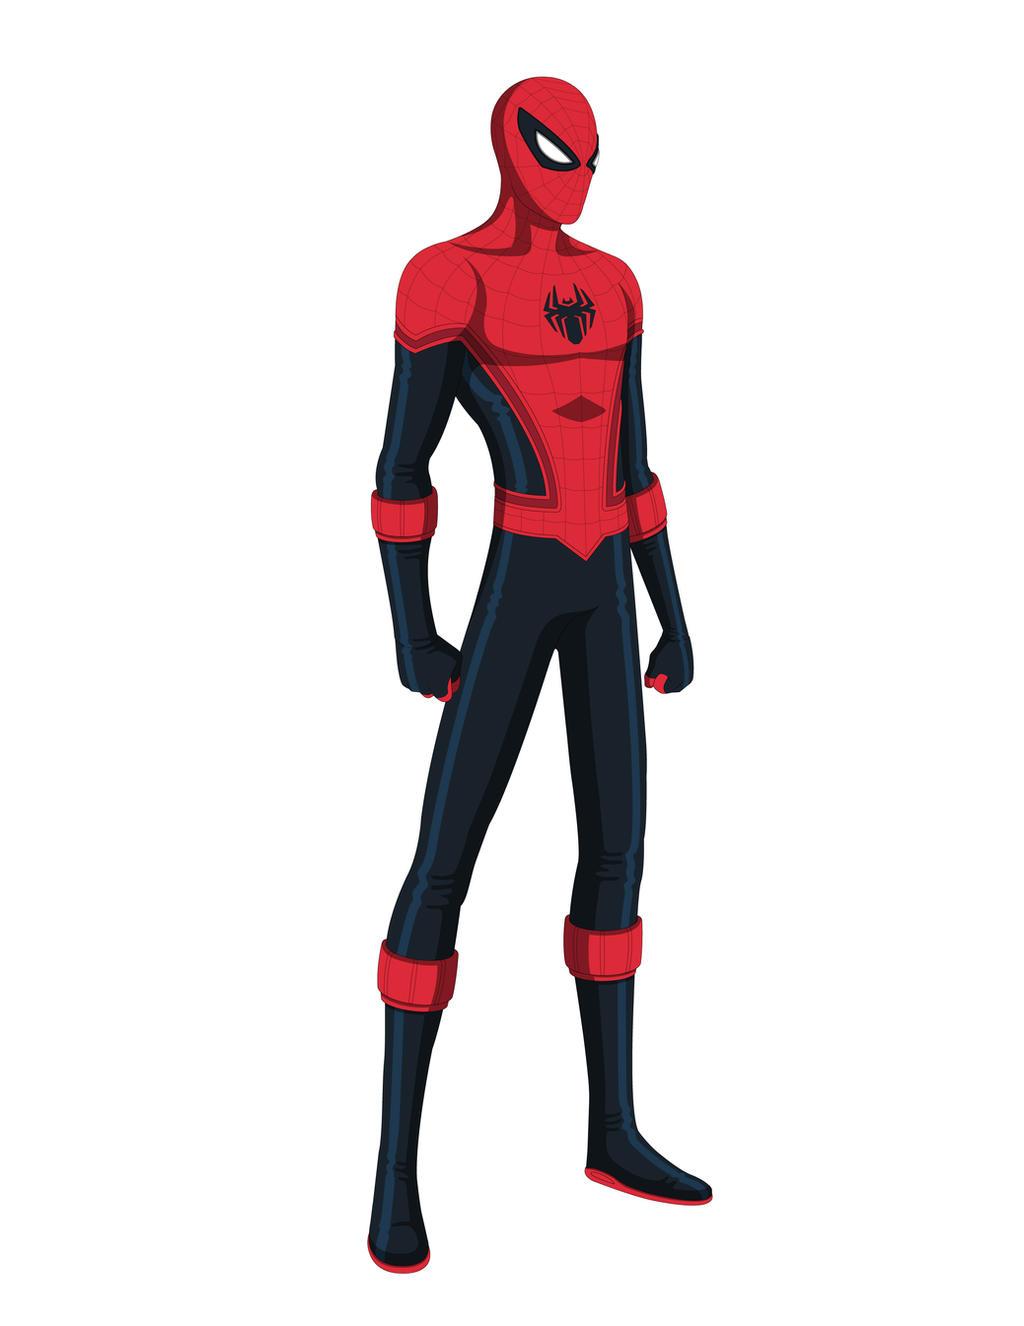 Spider-Man Concept Design by Jarein